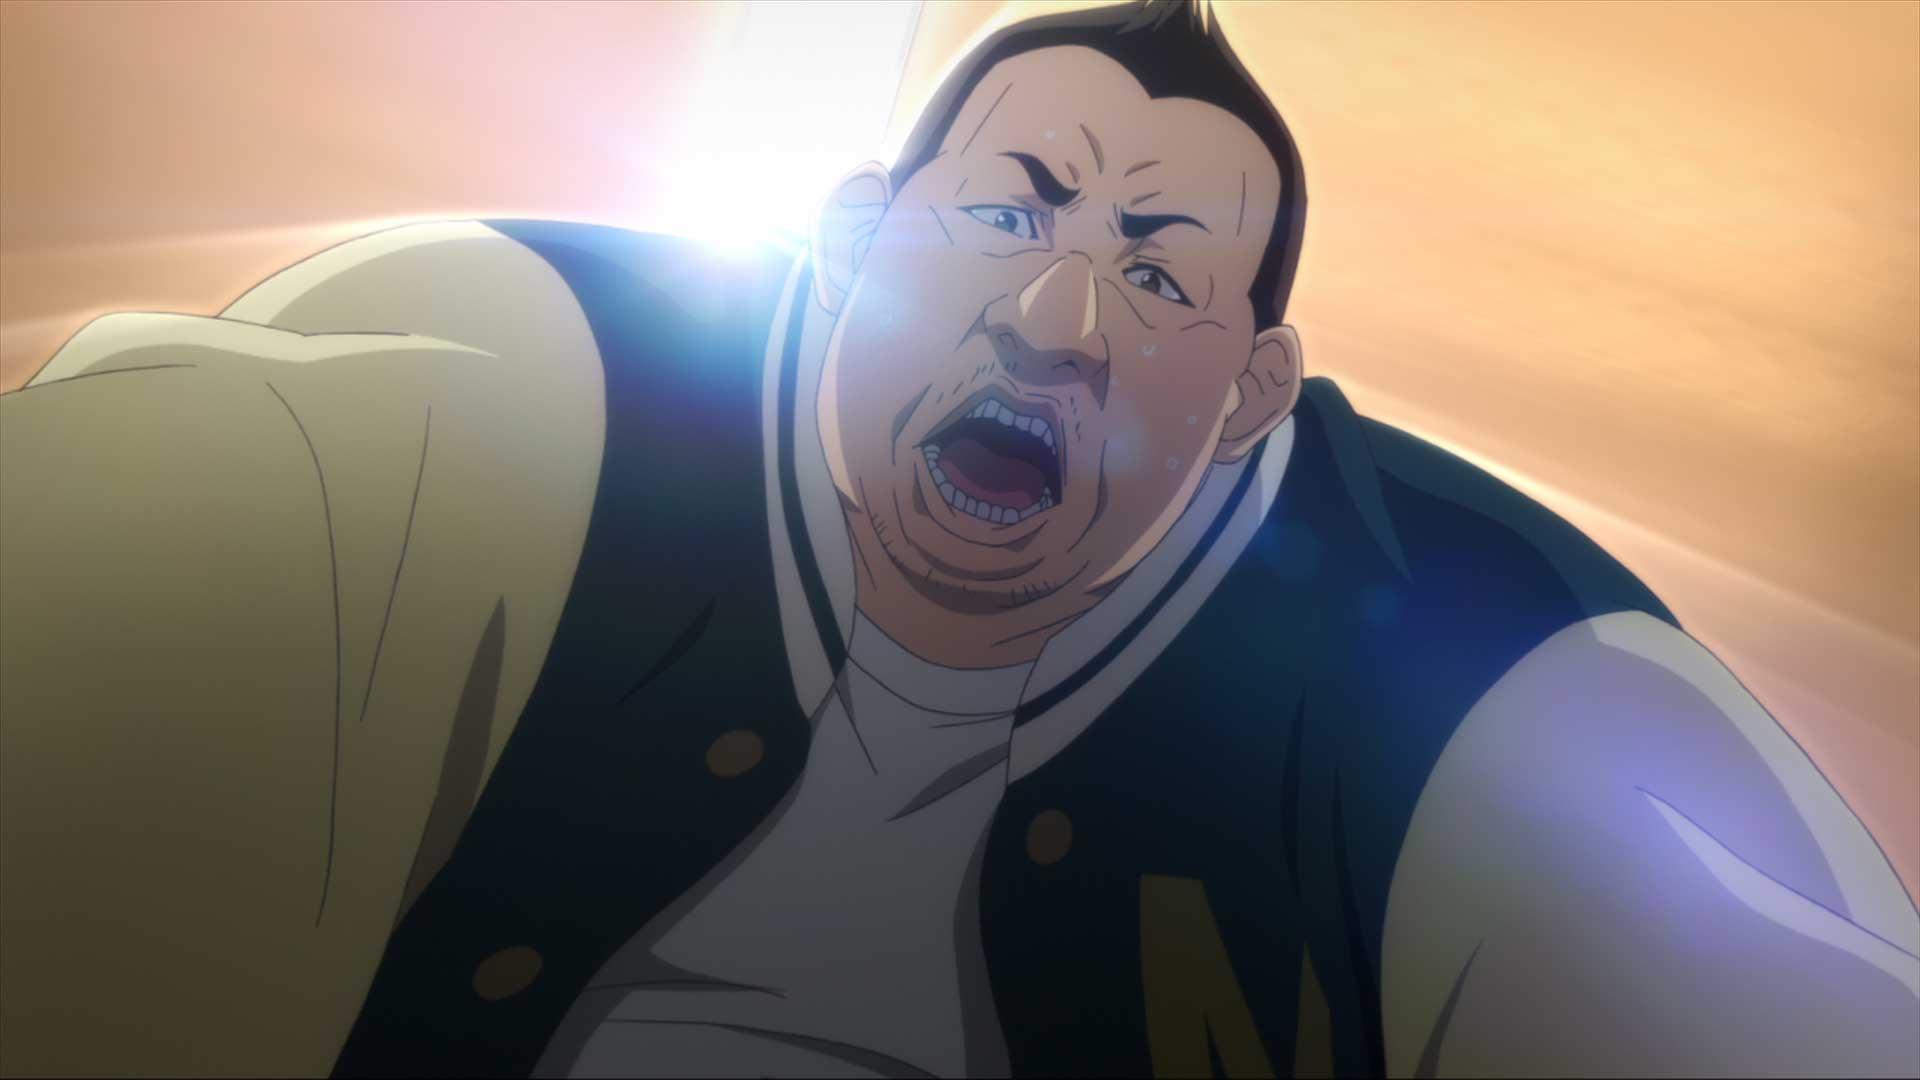 『奴隷区 The Animation』第8話の先行場面カット&あらすじ到着! エイアは、夜の街の実力者・練馬ムオンを味方につけようと……-5